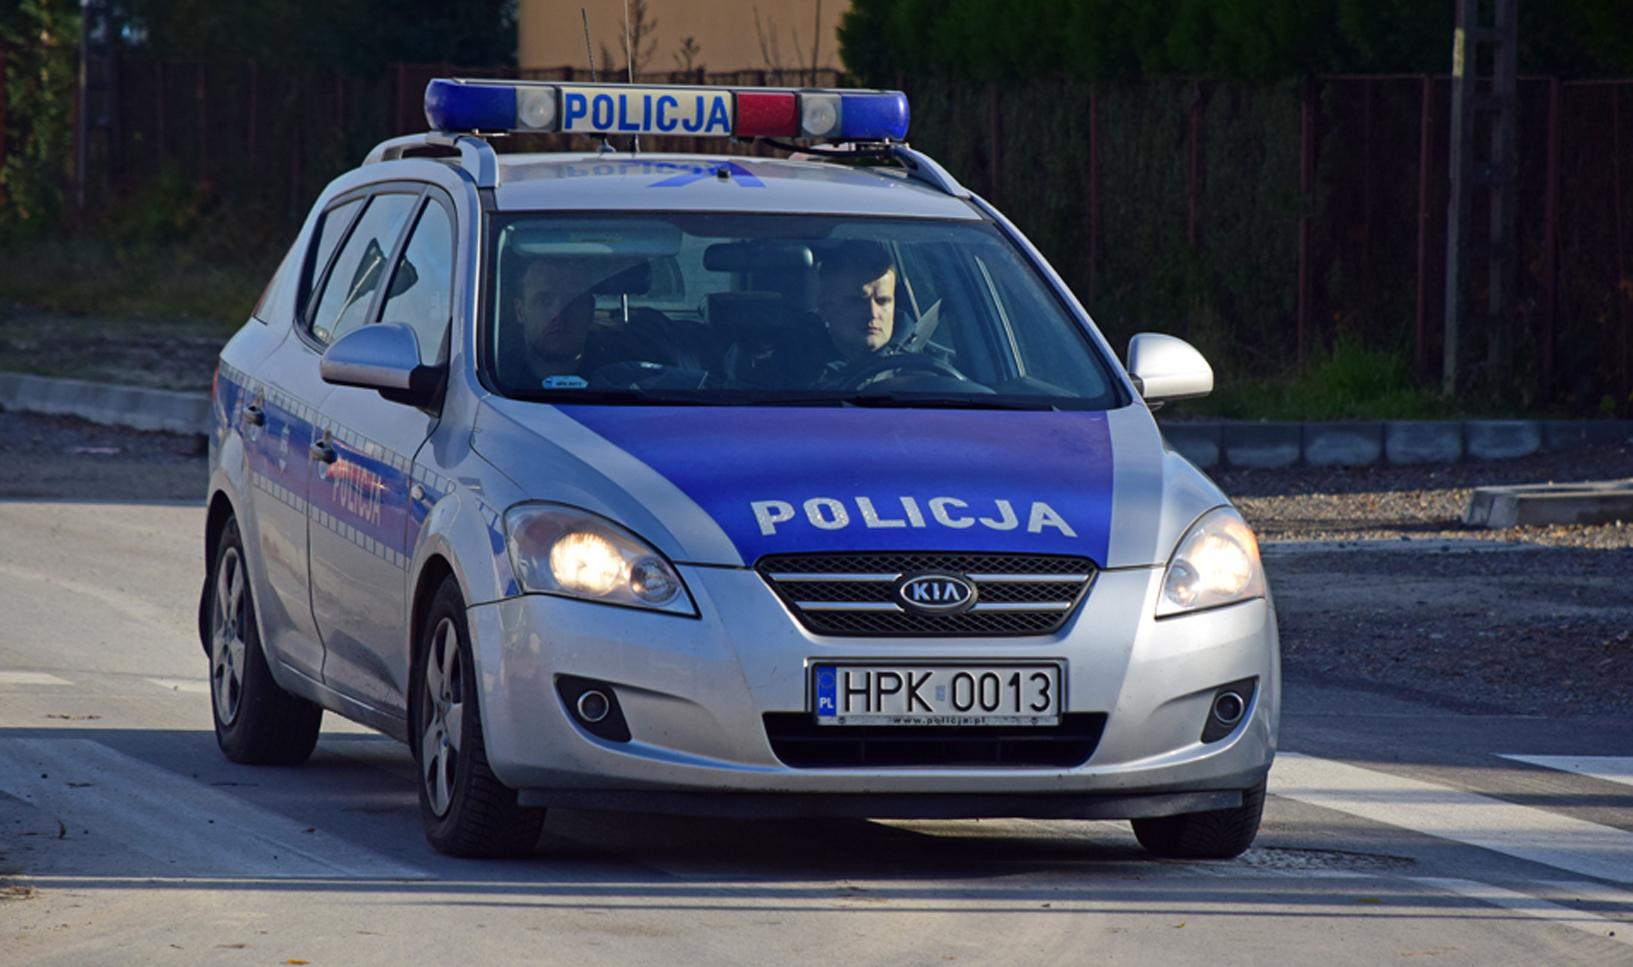 Kolizja na ul. Tarnobrzeskiej w Kolbuszowej - Zdjęcie główne